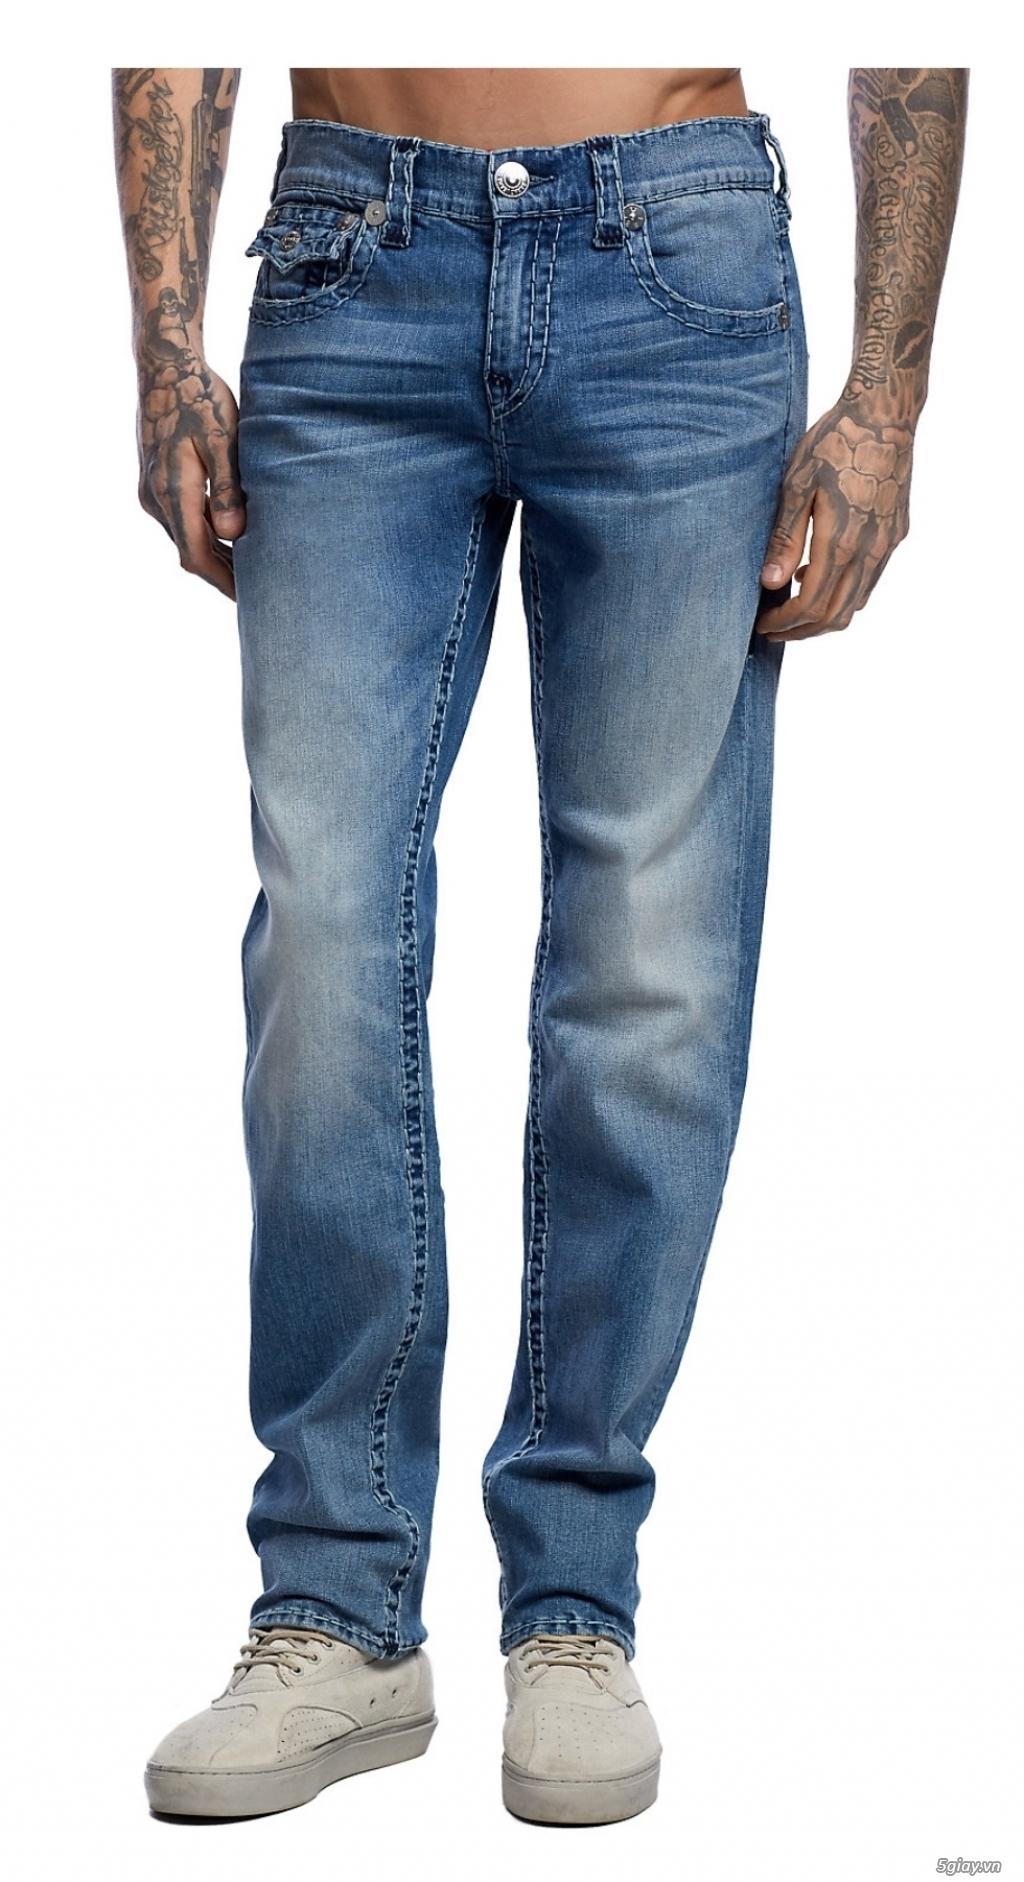 Quần Jean ông địa (True religion) hàng xách tay giá tốt